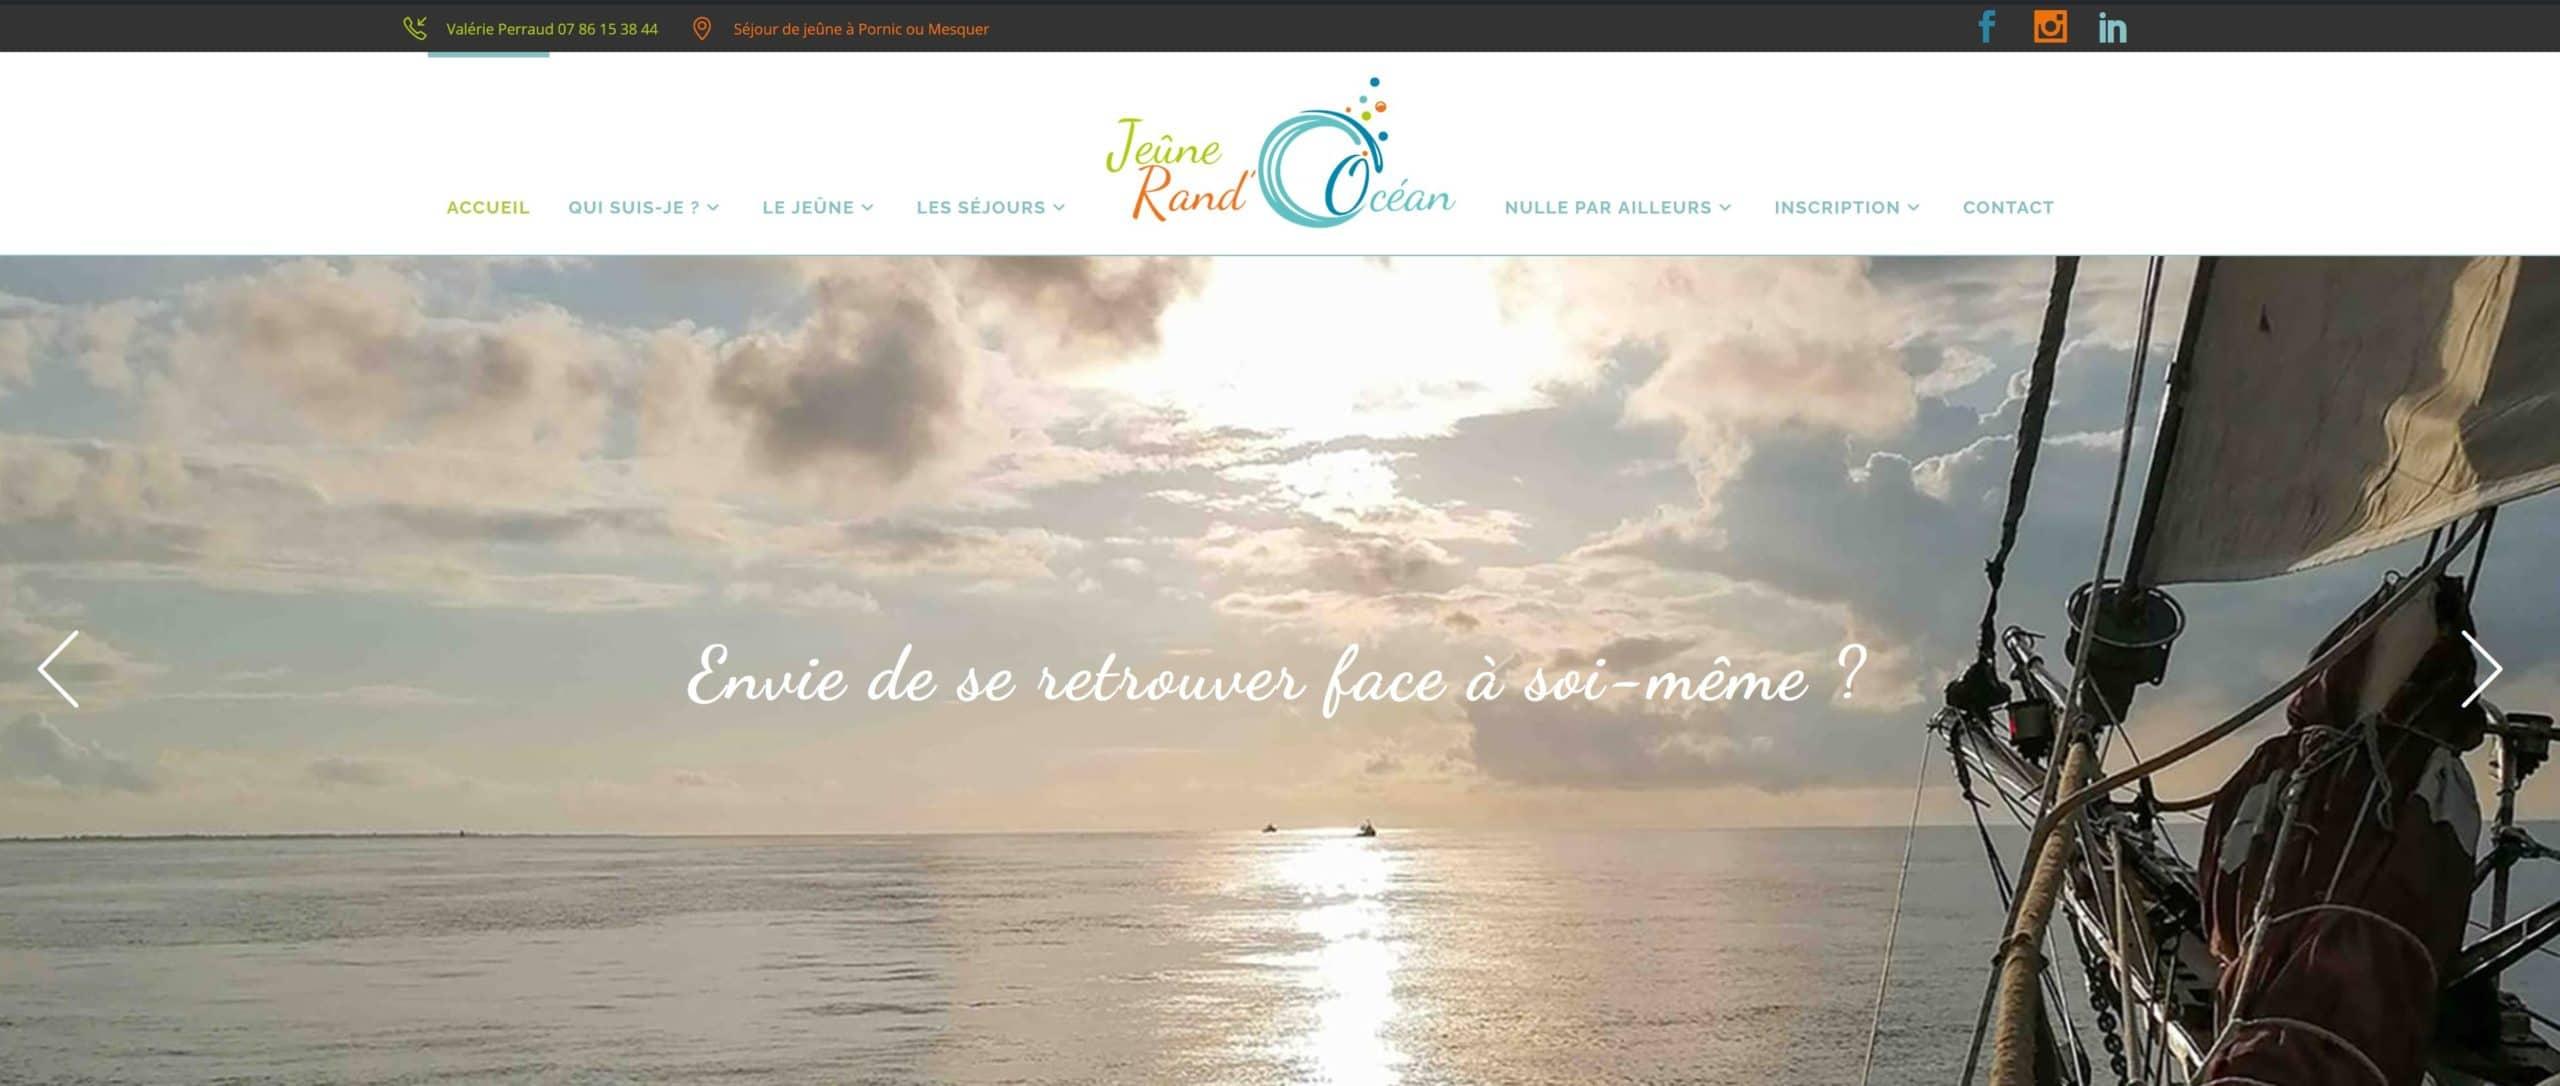 concept-web-design-creation-de-site-jeune-et-rand-ocean-envie-de-se-retrouver-face-a-soi-meme